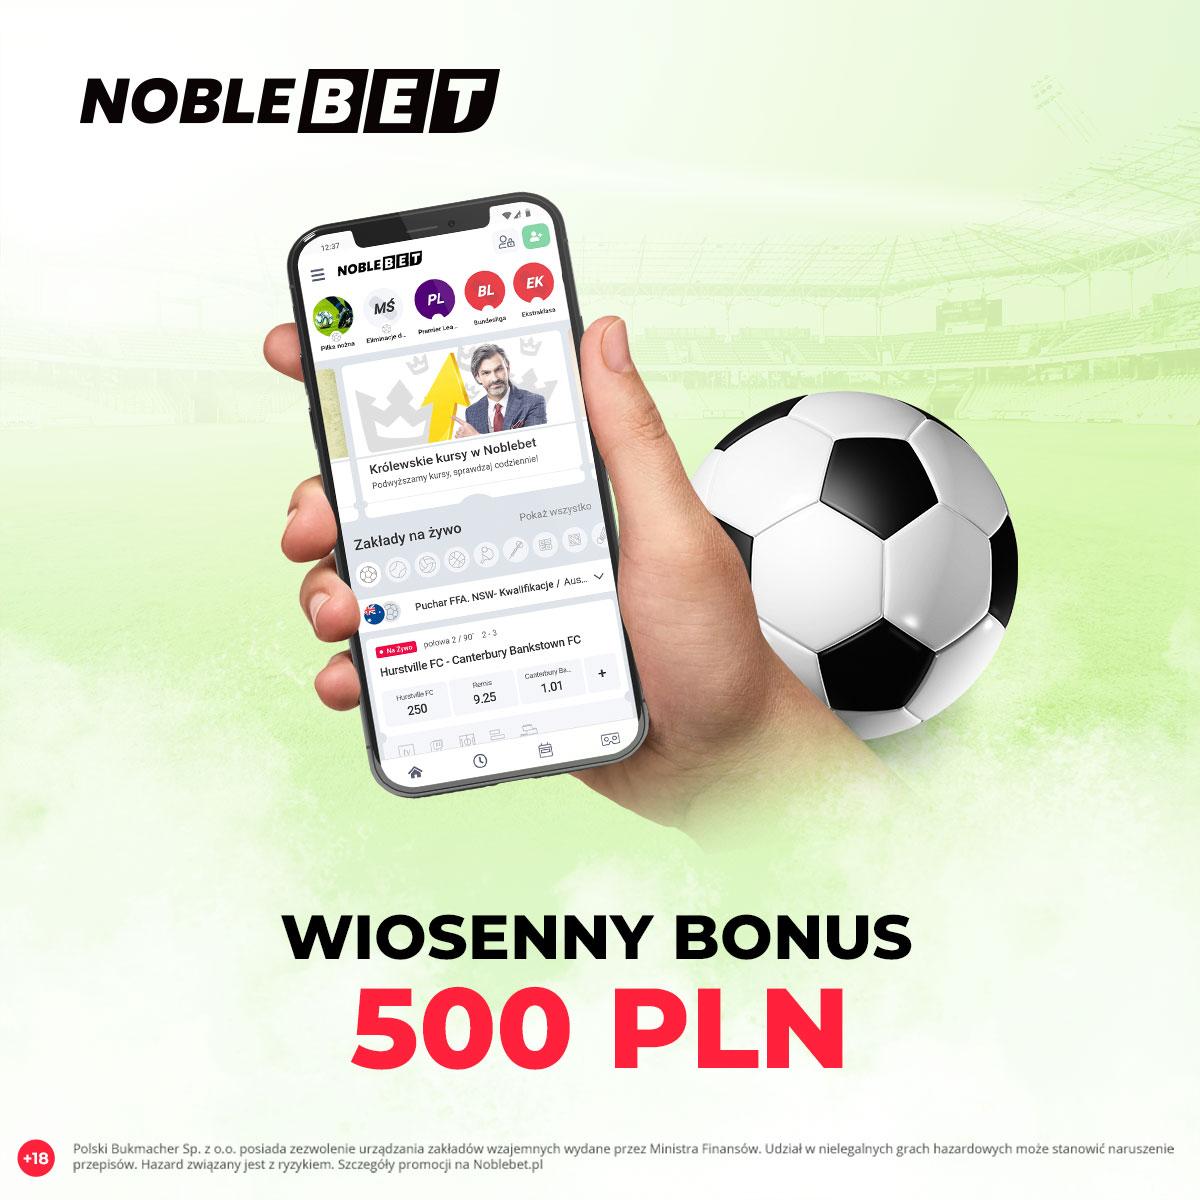 Wiosenny bonus 500 zł w Noble Bet